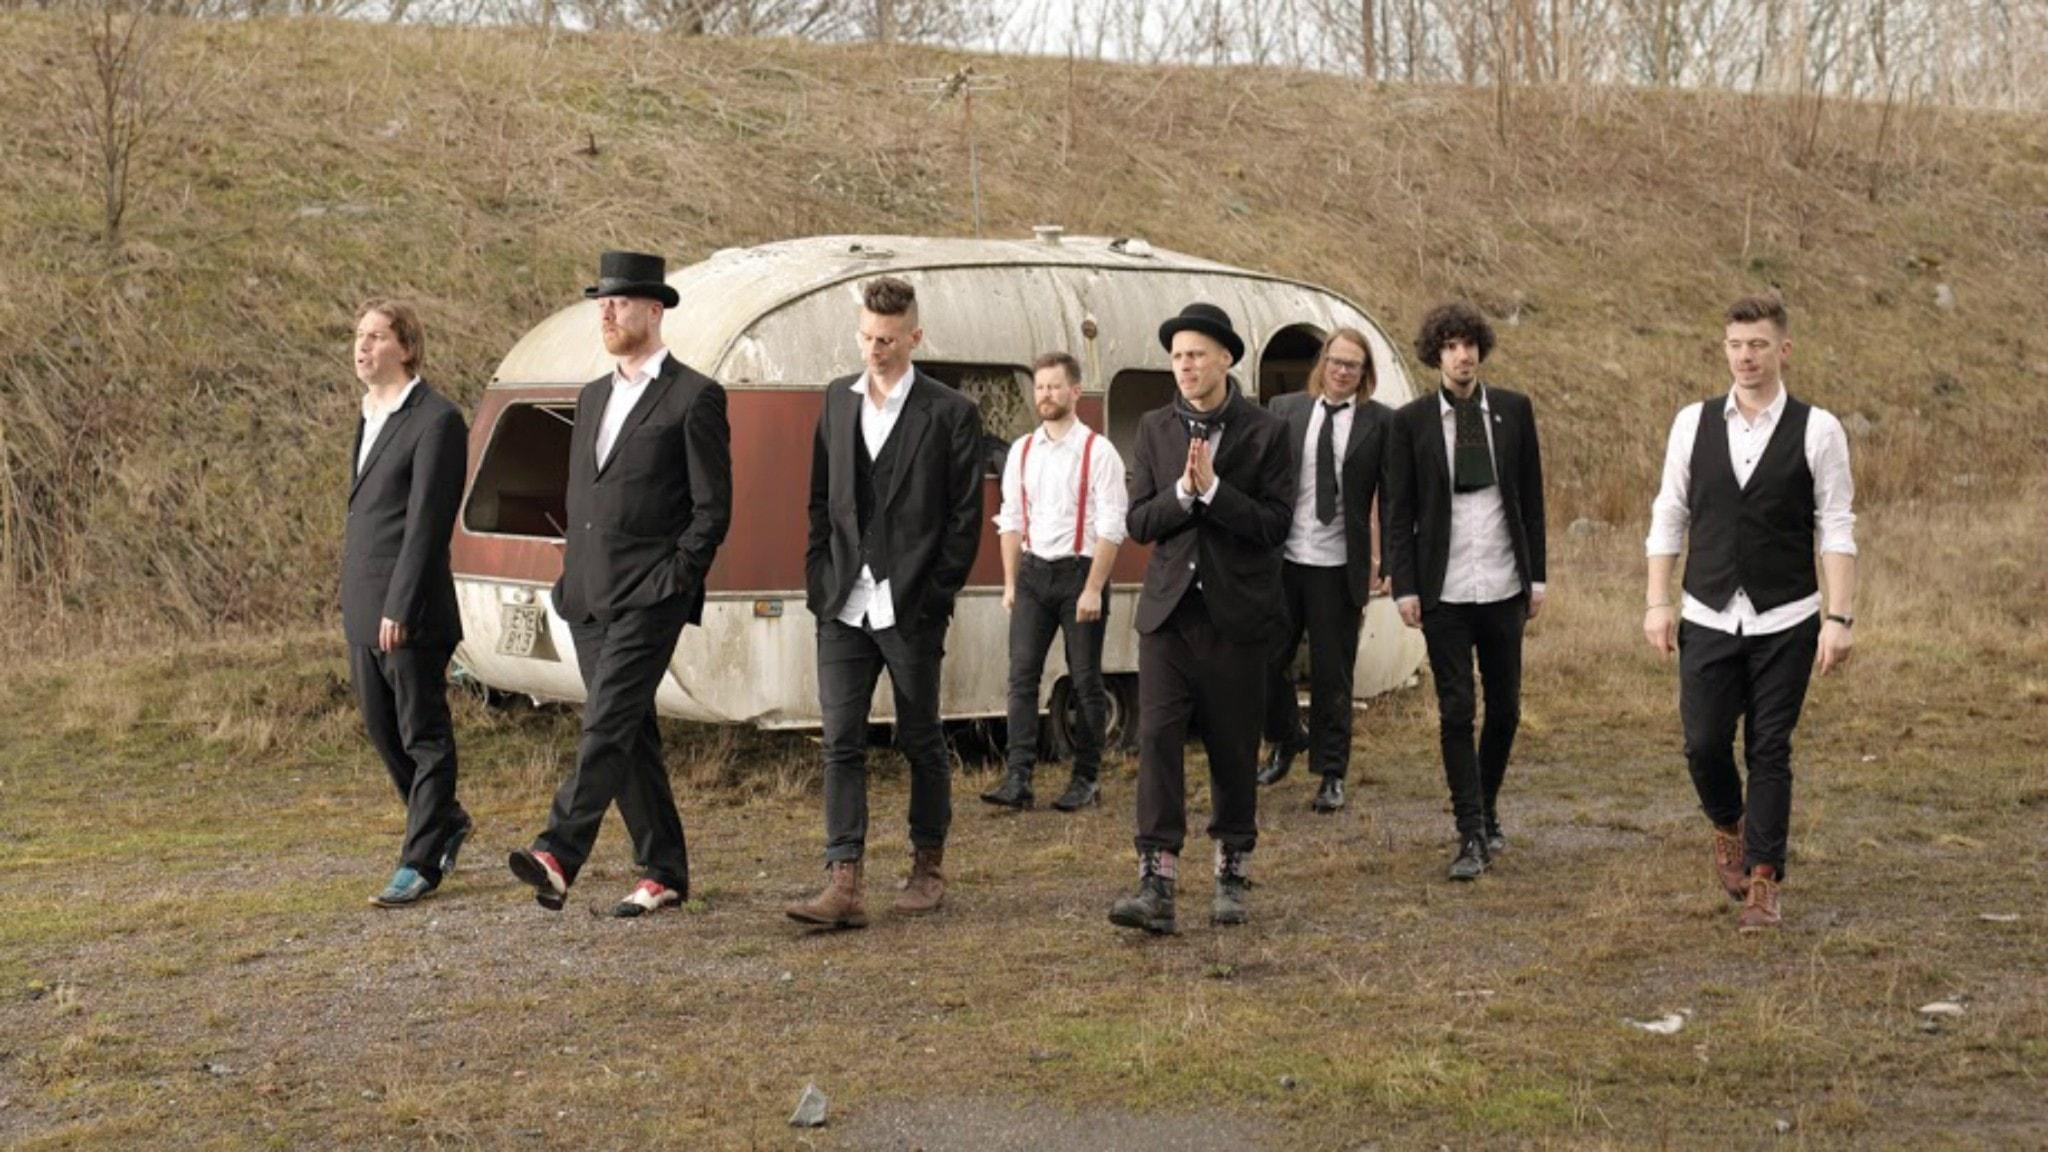 Åtta kostymklädda män går på en äng intill en gammal husvagn.